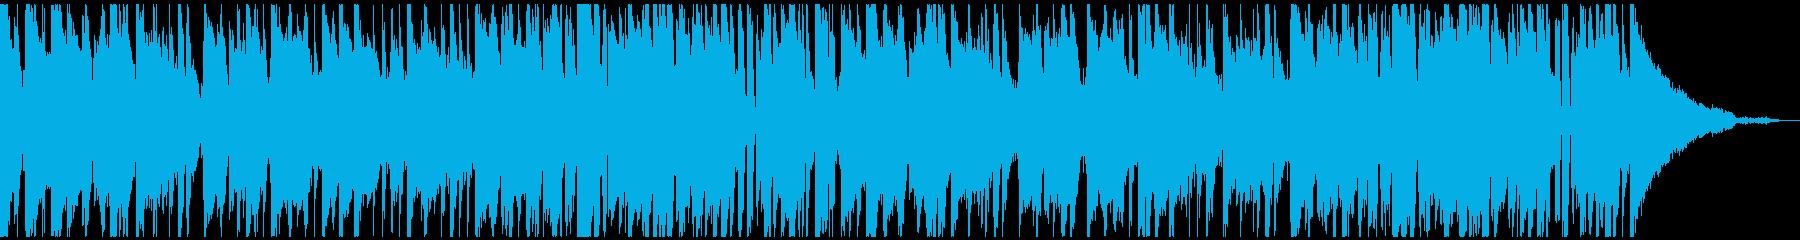 ピアノでブルースな曲です。の再生済みの波形